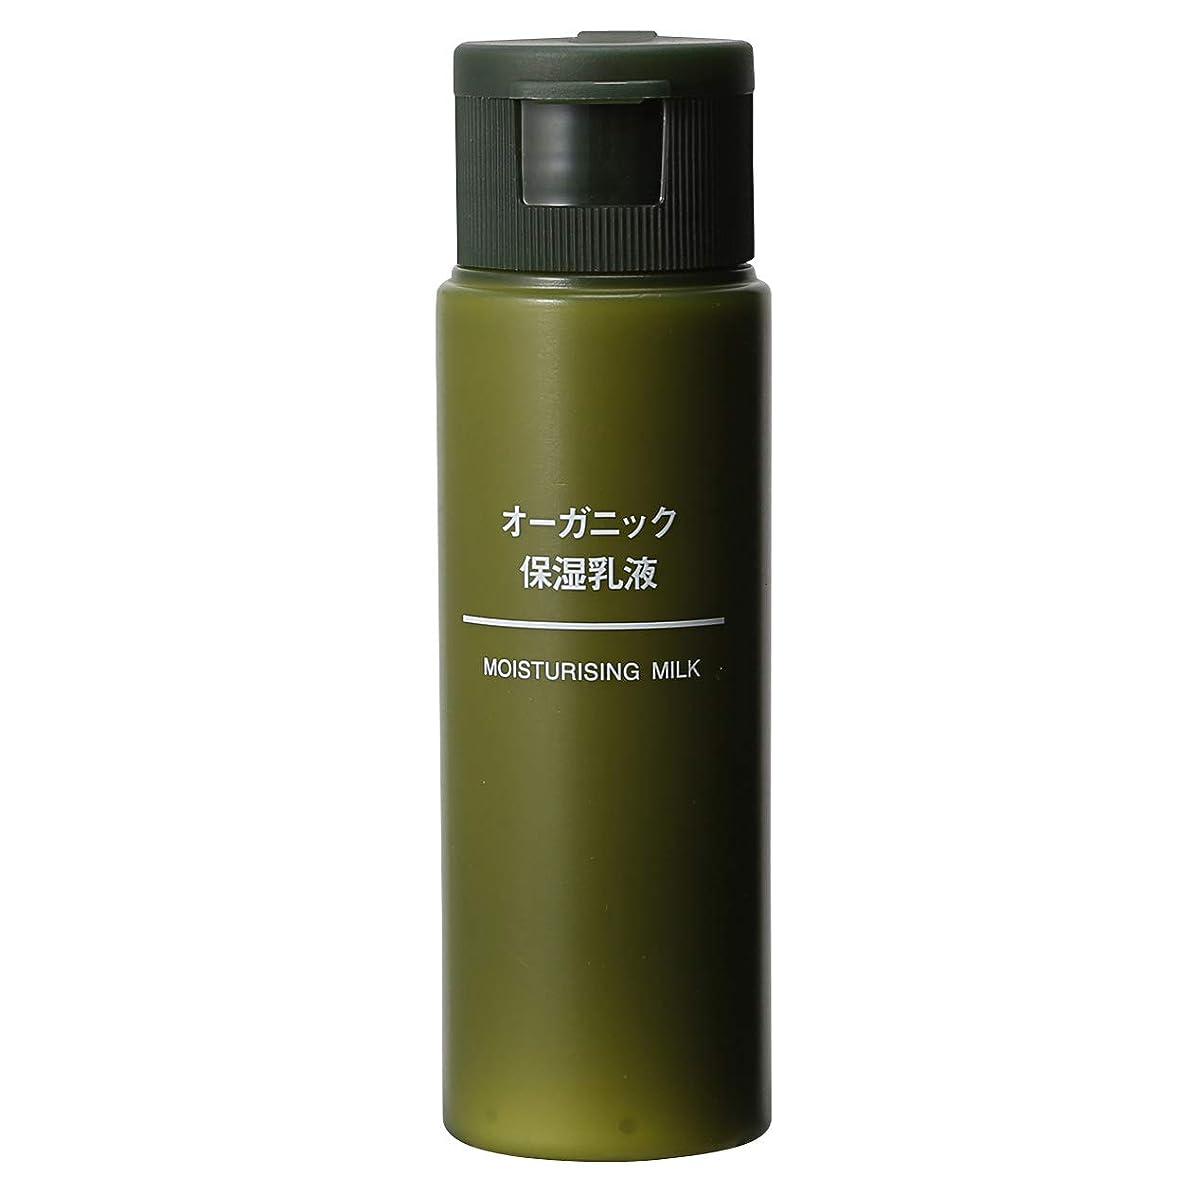 揃える時間とともに照らす無印良品 オーガニック保湿乳液(携帯用) 50ml